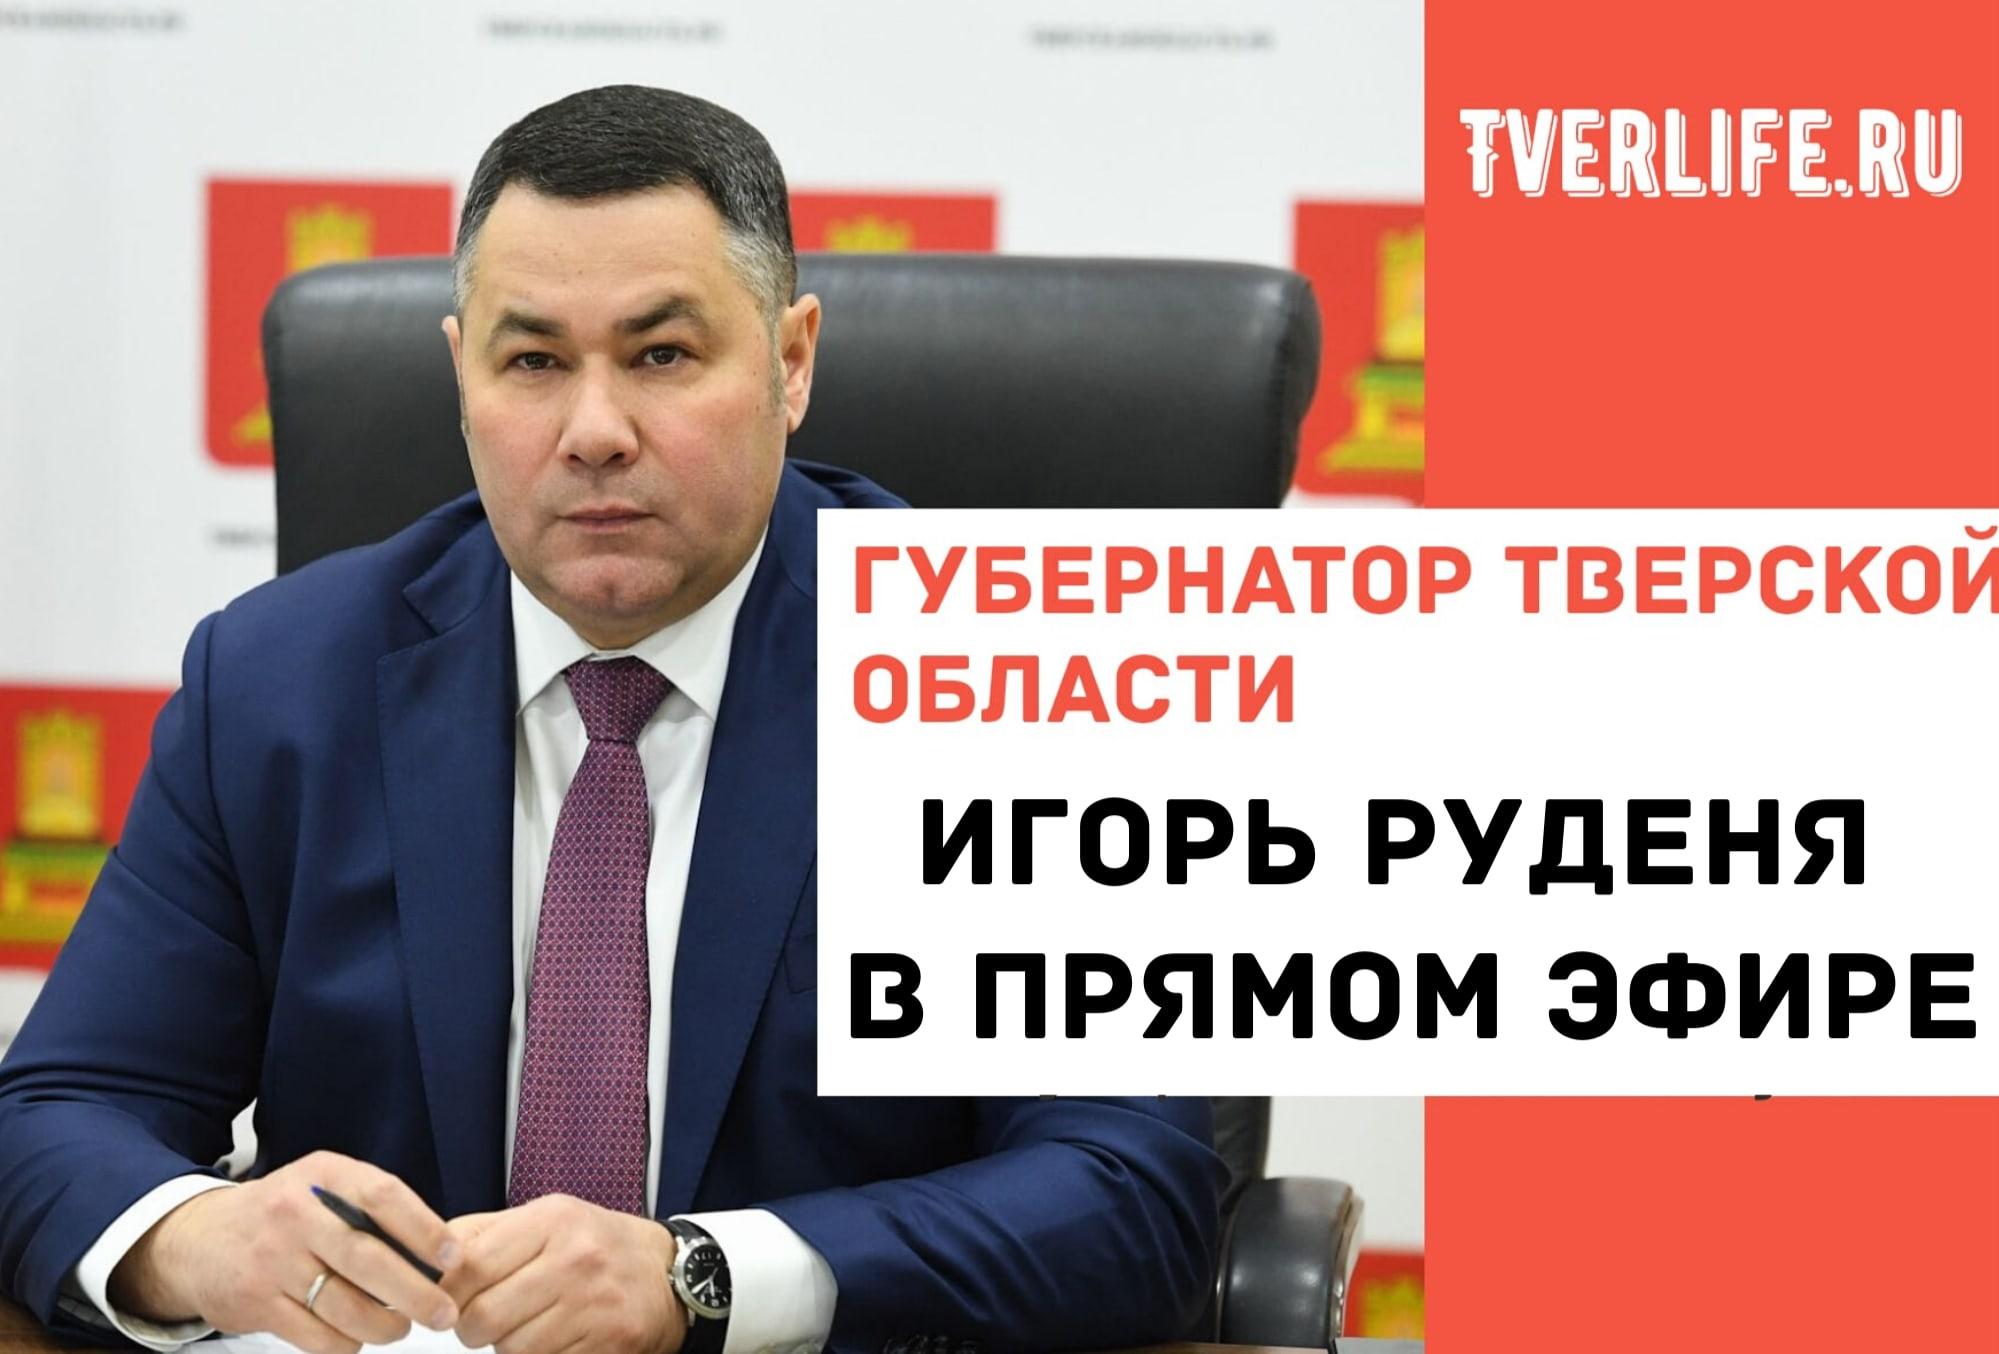 Губернатор Тверской области расскажет о тестировании на коронавирус и доплаты медикам